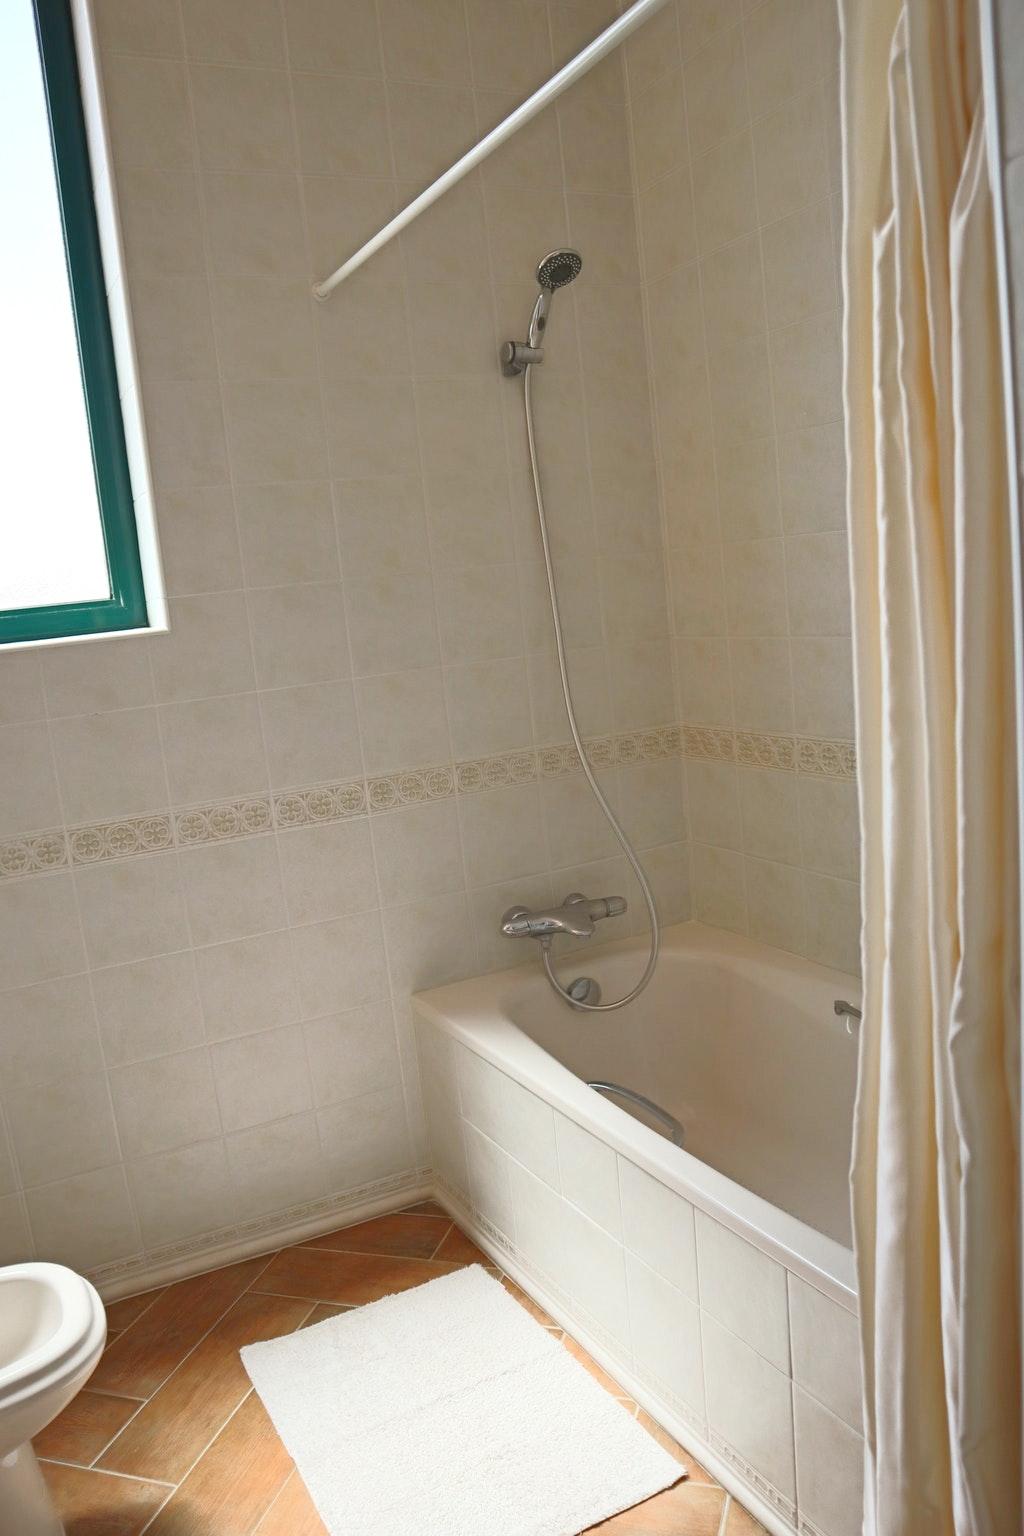 Ferienhaus Villa mit 4 Schlafzimmern in Praia de Mira mit privatem Pool, eingezäuntem Garten und W-LA (2623071), Praia de Mira, Costa de Prata, Zentral-Portugal, Portugal, Bild 30